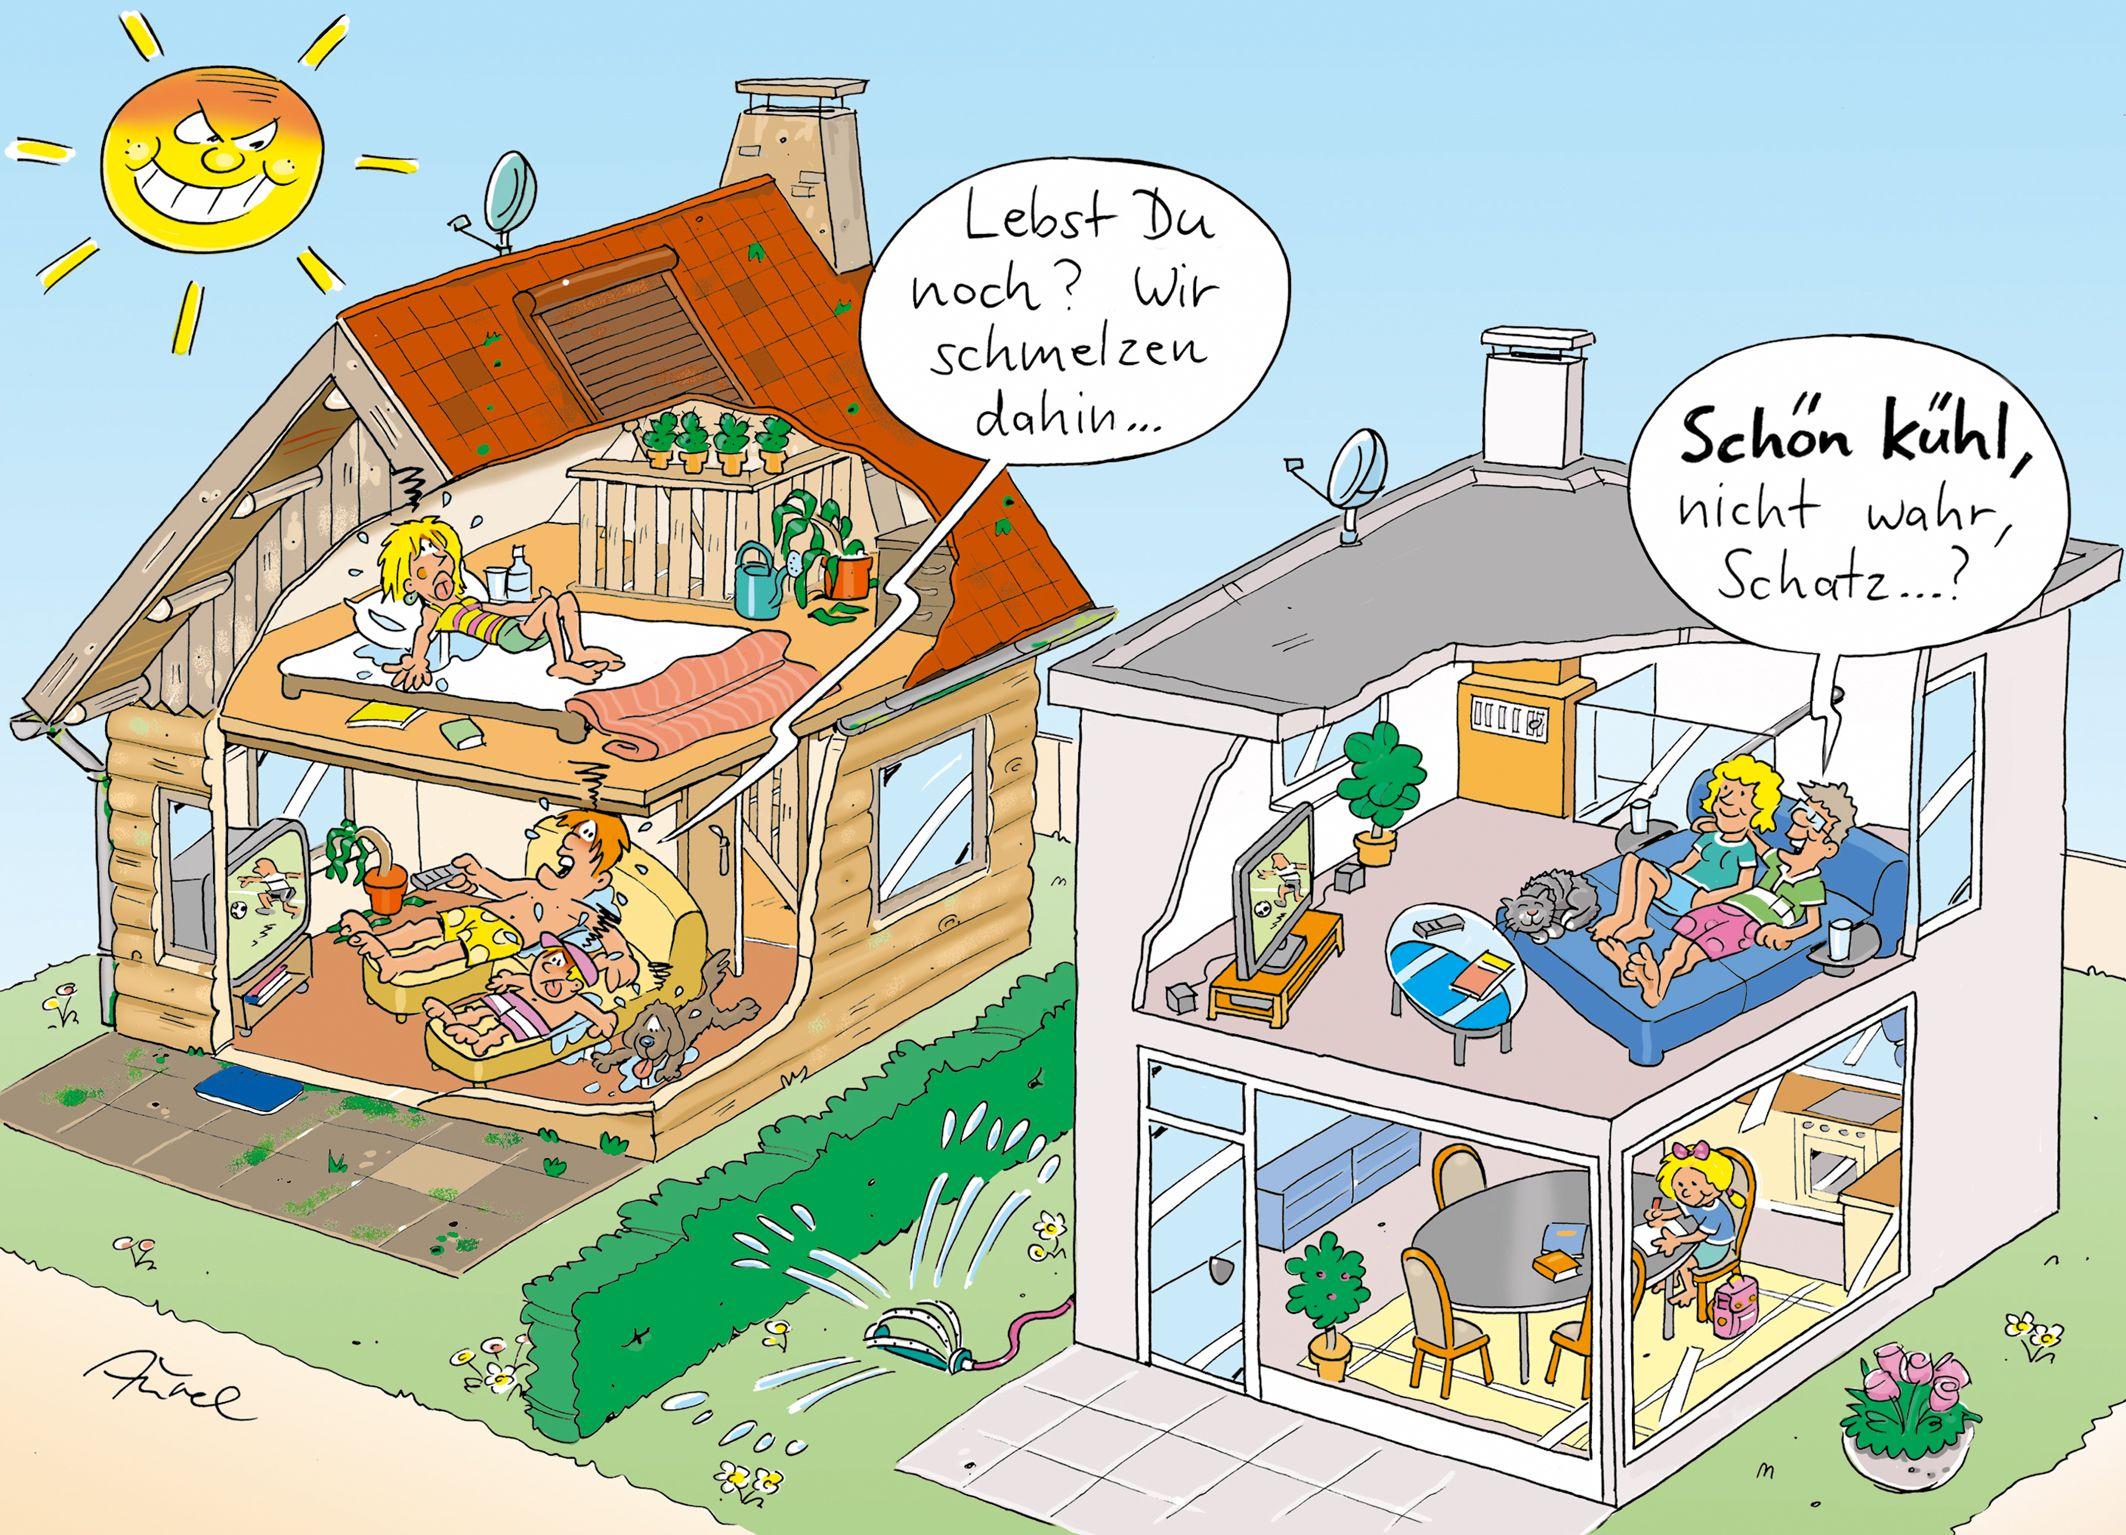 Haus beschreiben (avec images)